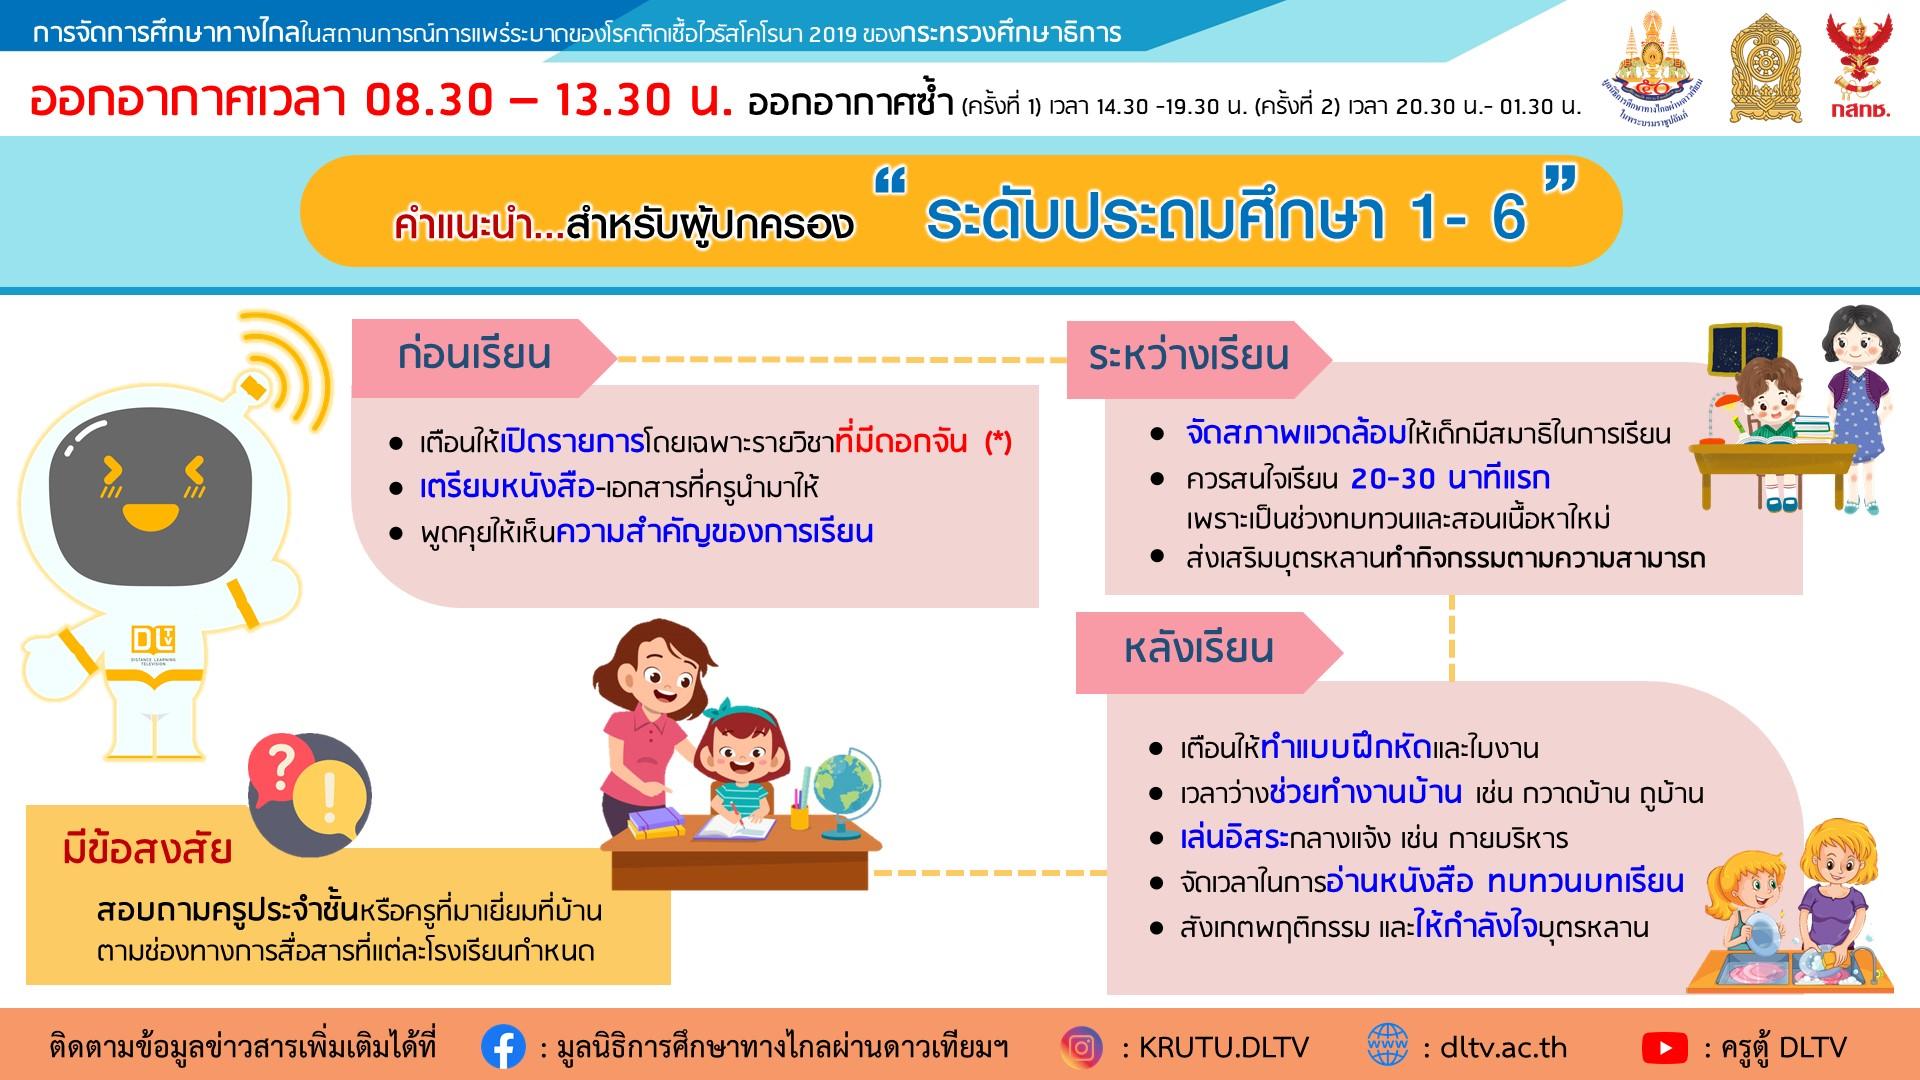 """คำแนะนำ..สำหรับผู้ปกครอง """"ระดับ ป.1-6"""" ในการสอนทางไกล DLTV 1589813079"""